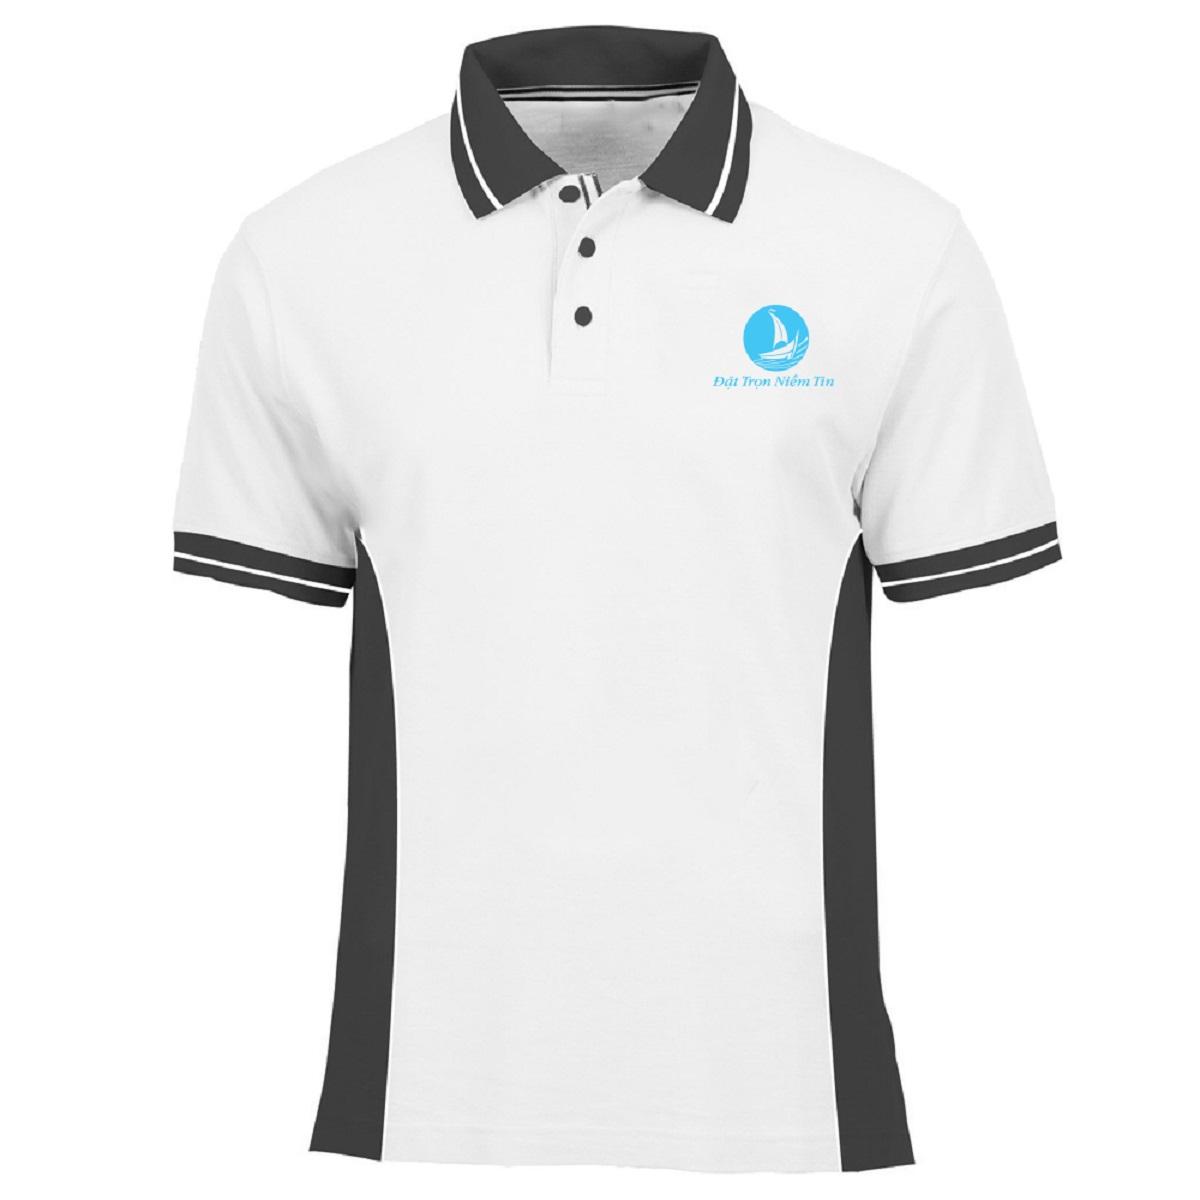 Màu trắng mang ý nghĩa sự tinh khiết, sạch sẽ làm nổi bật cho hình ảnh logo thương hiệu của doanh nghiệp